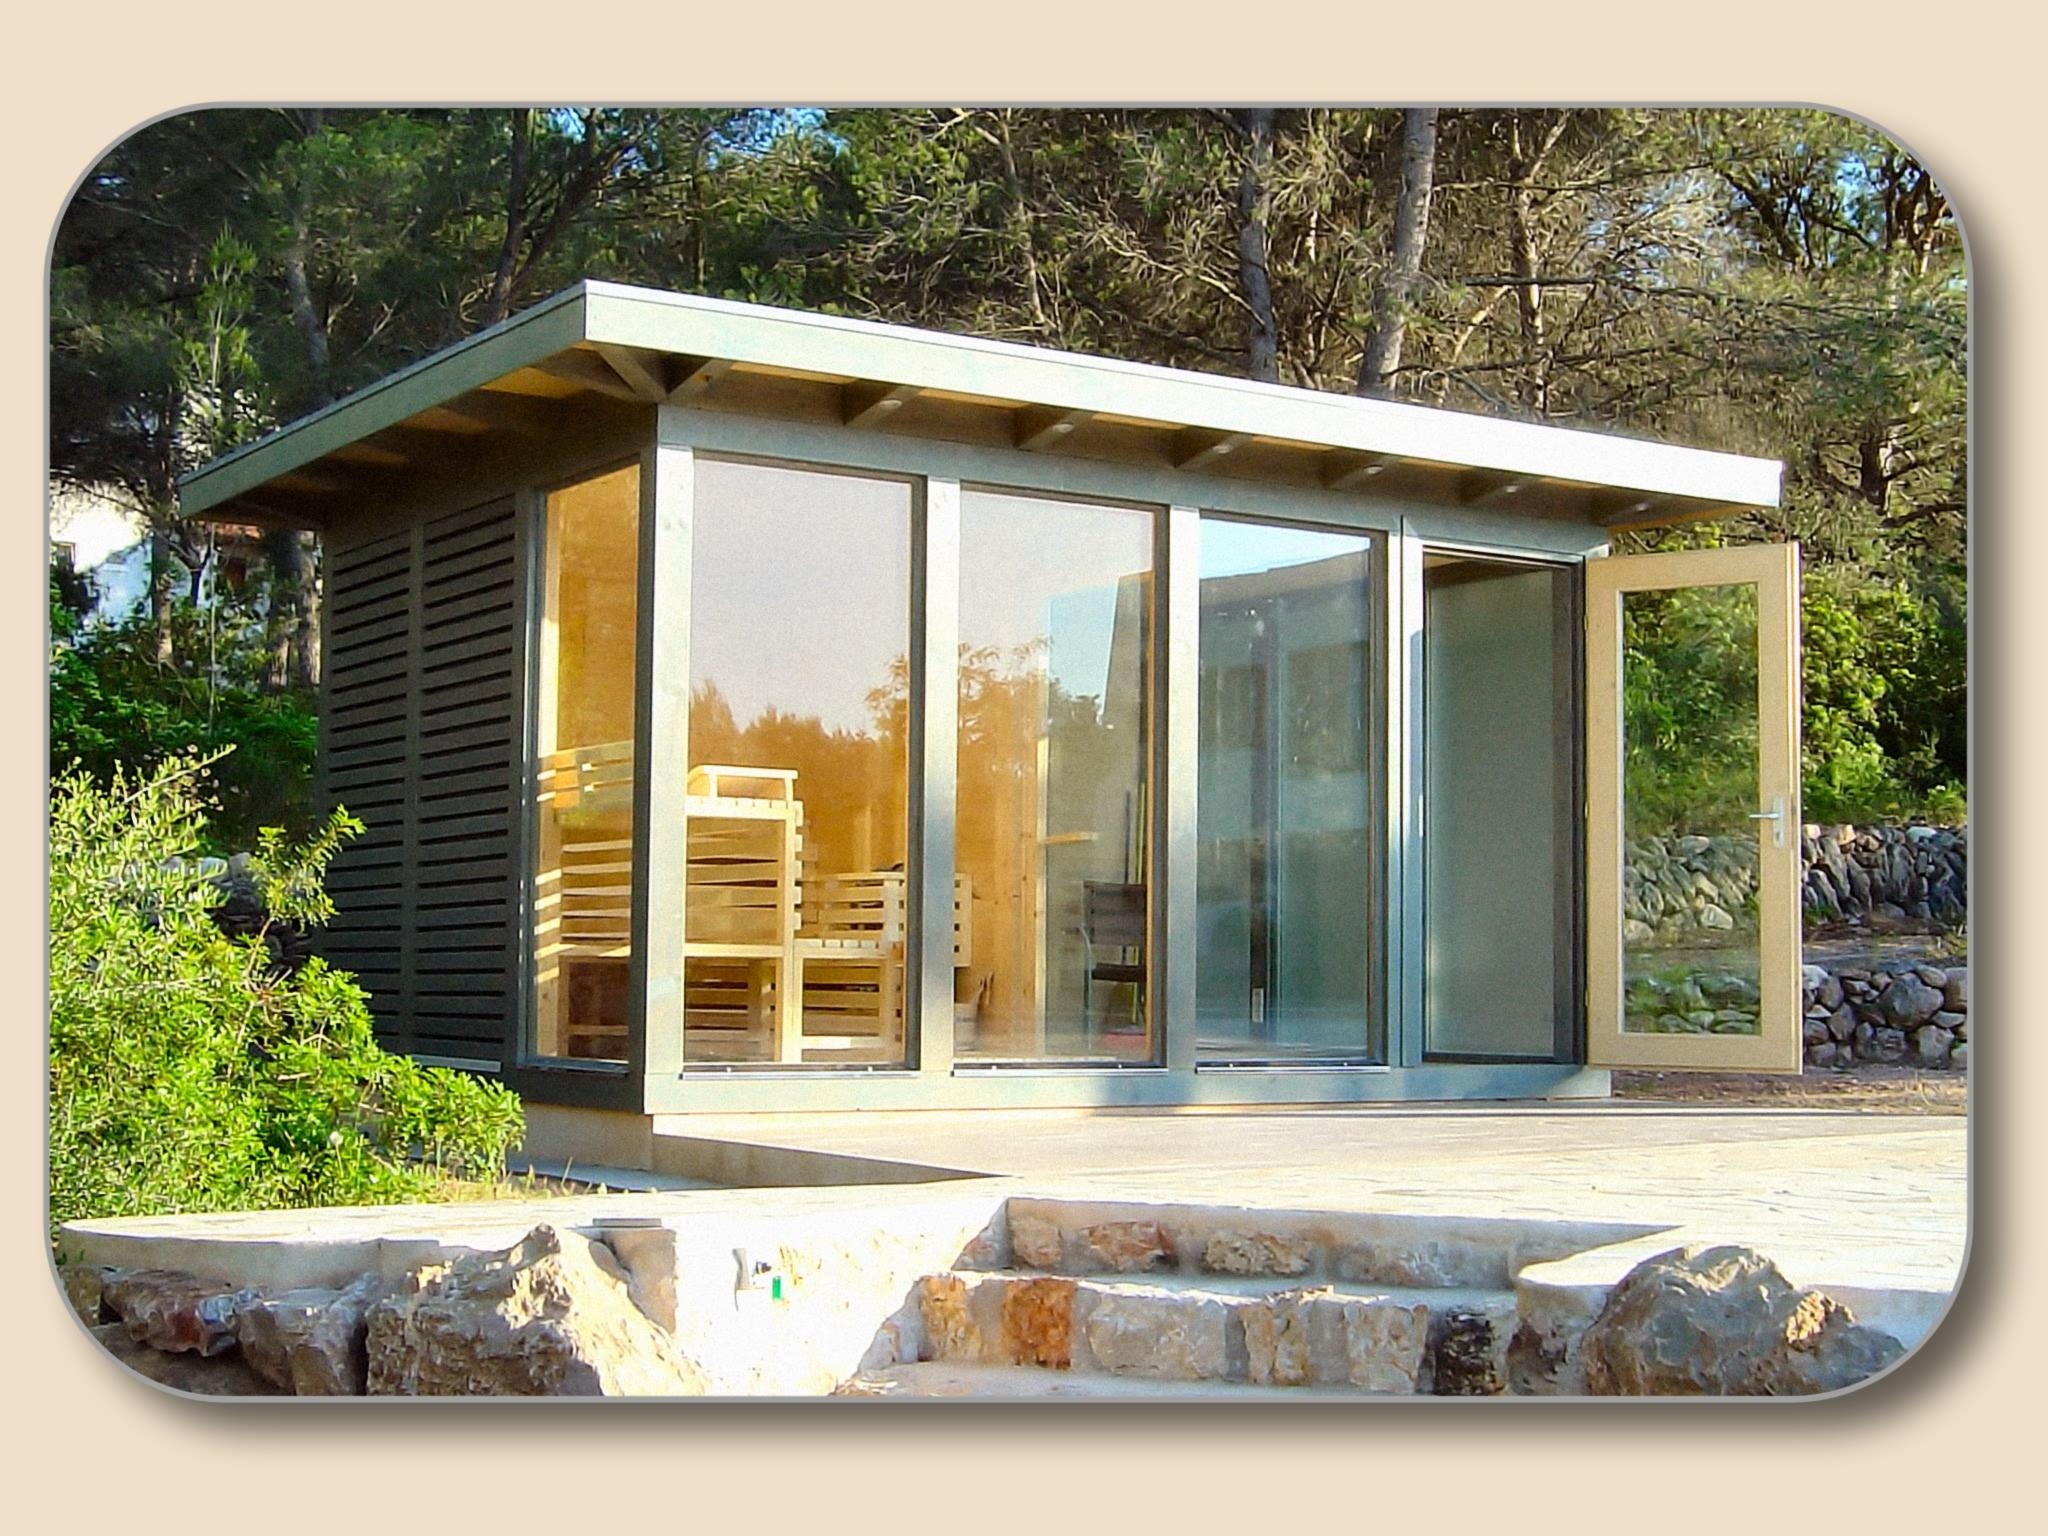 Full Size of Terrasse Pavillon Pergola Aluminium Gestell Terrassen Kaufen Bauhaus Metall Obi Test Freistehend Alu Winterfest Carport Garten Wohnzimmer Terrassen Pavillon